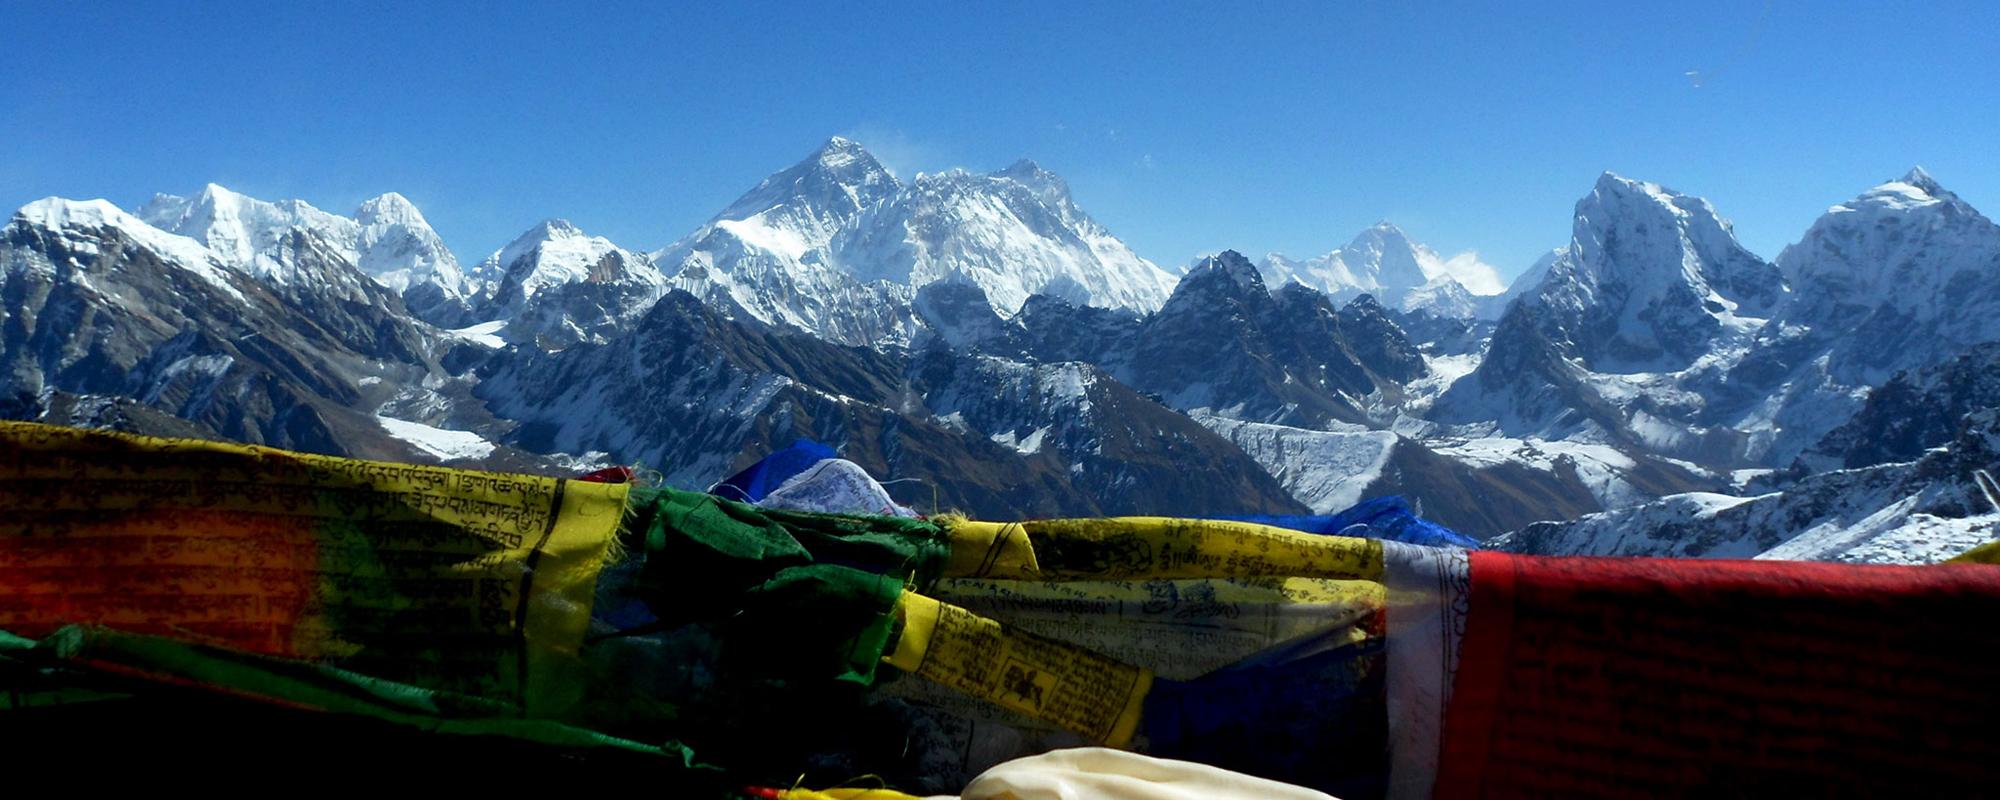 3 High Pass Trek